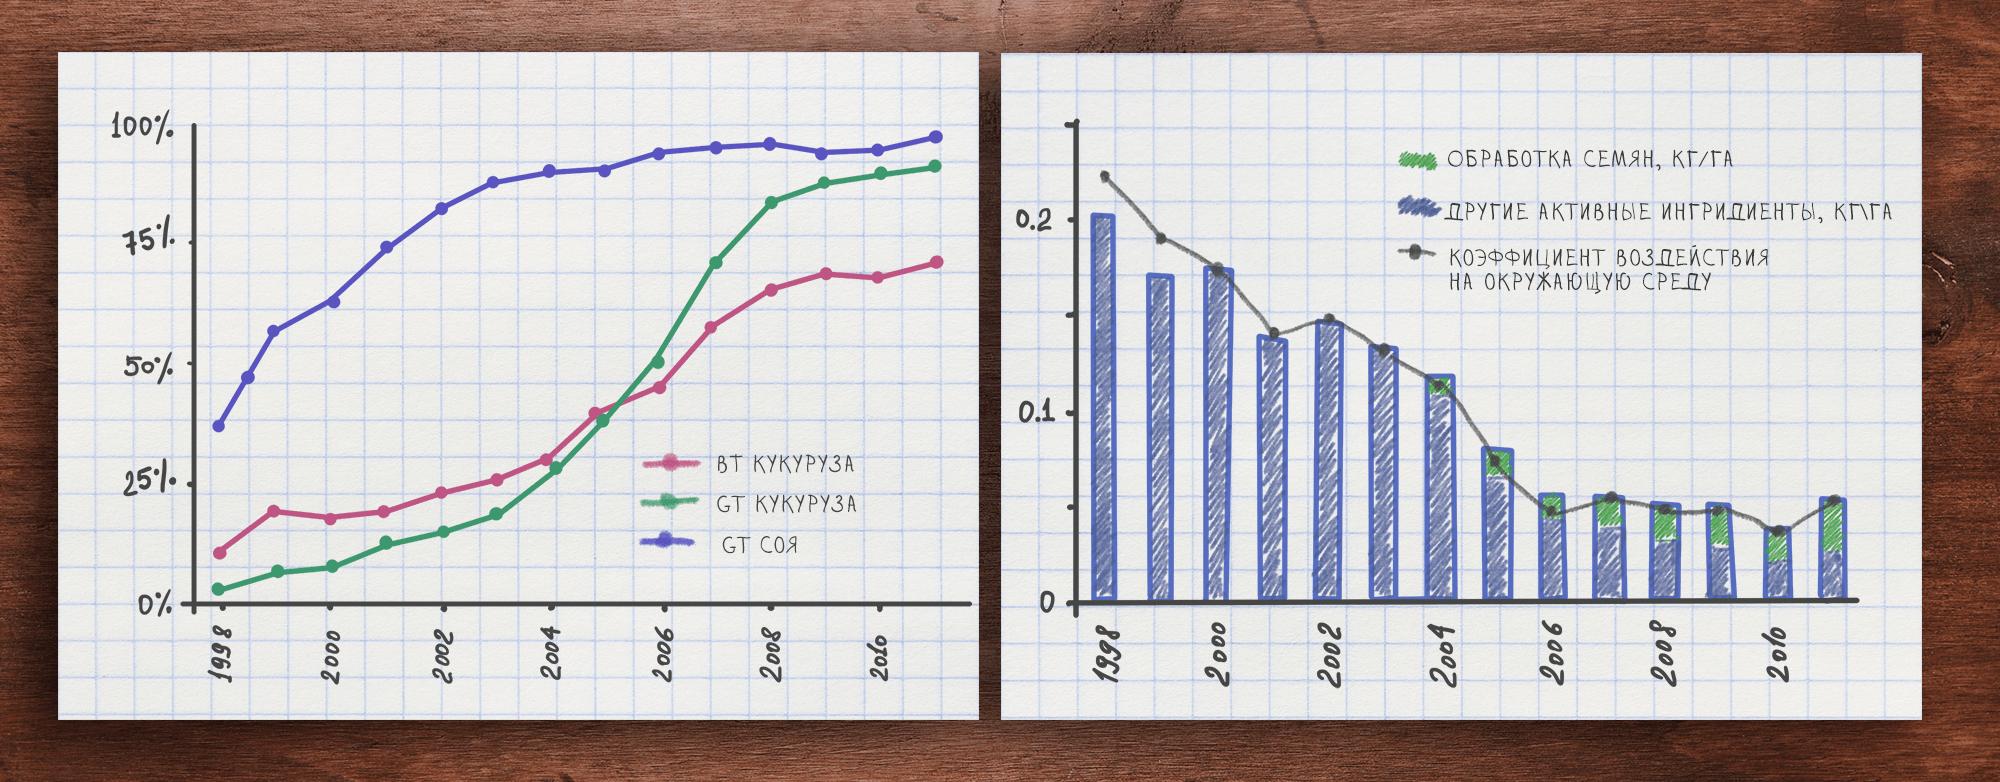 Использование ГМО и пестицидов в США в 1998–2011 гг.